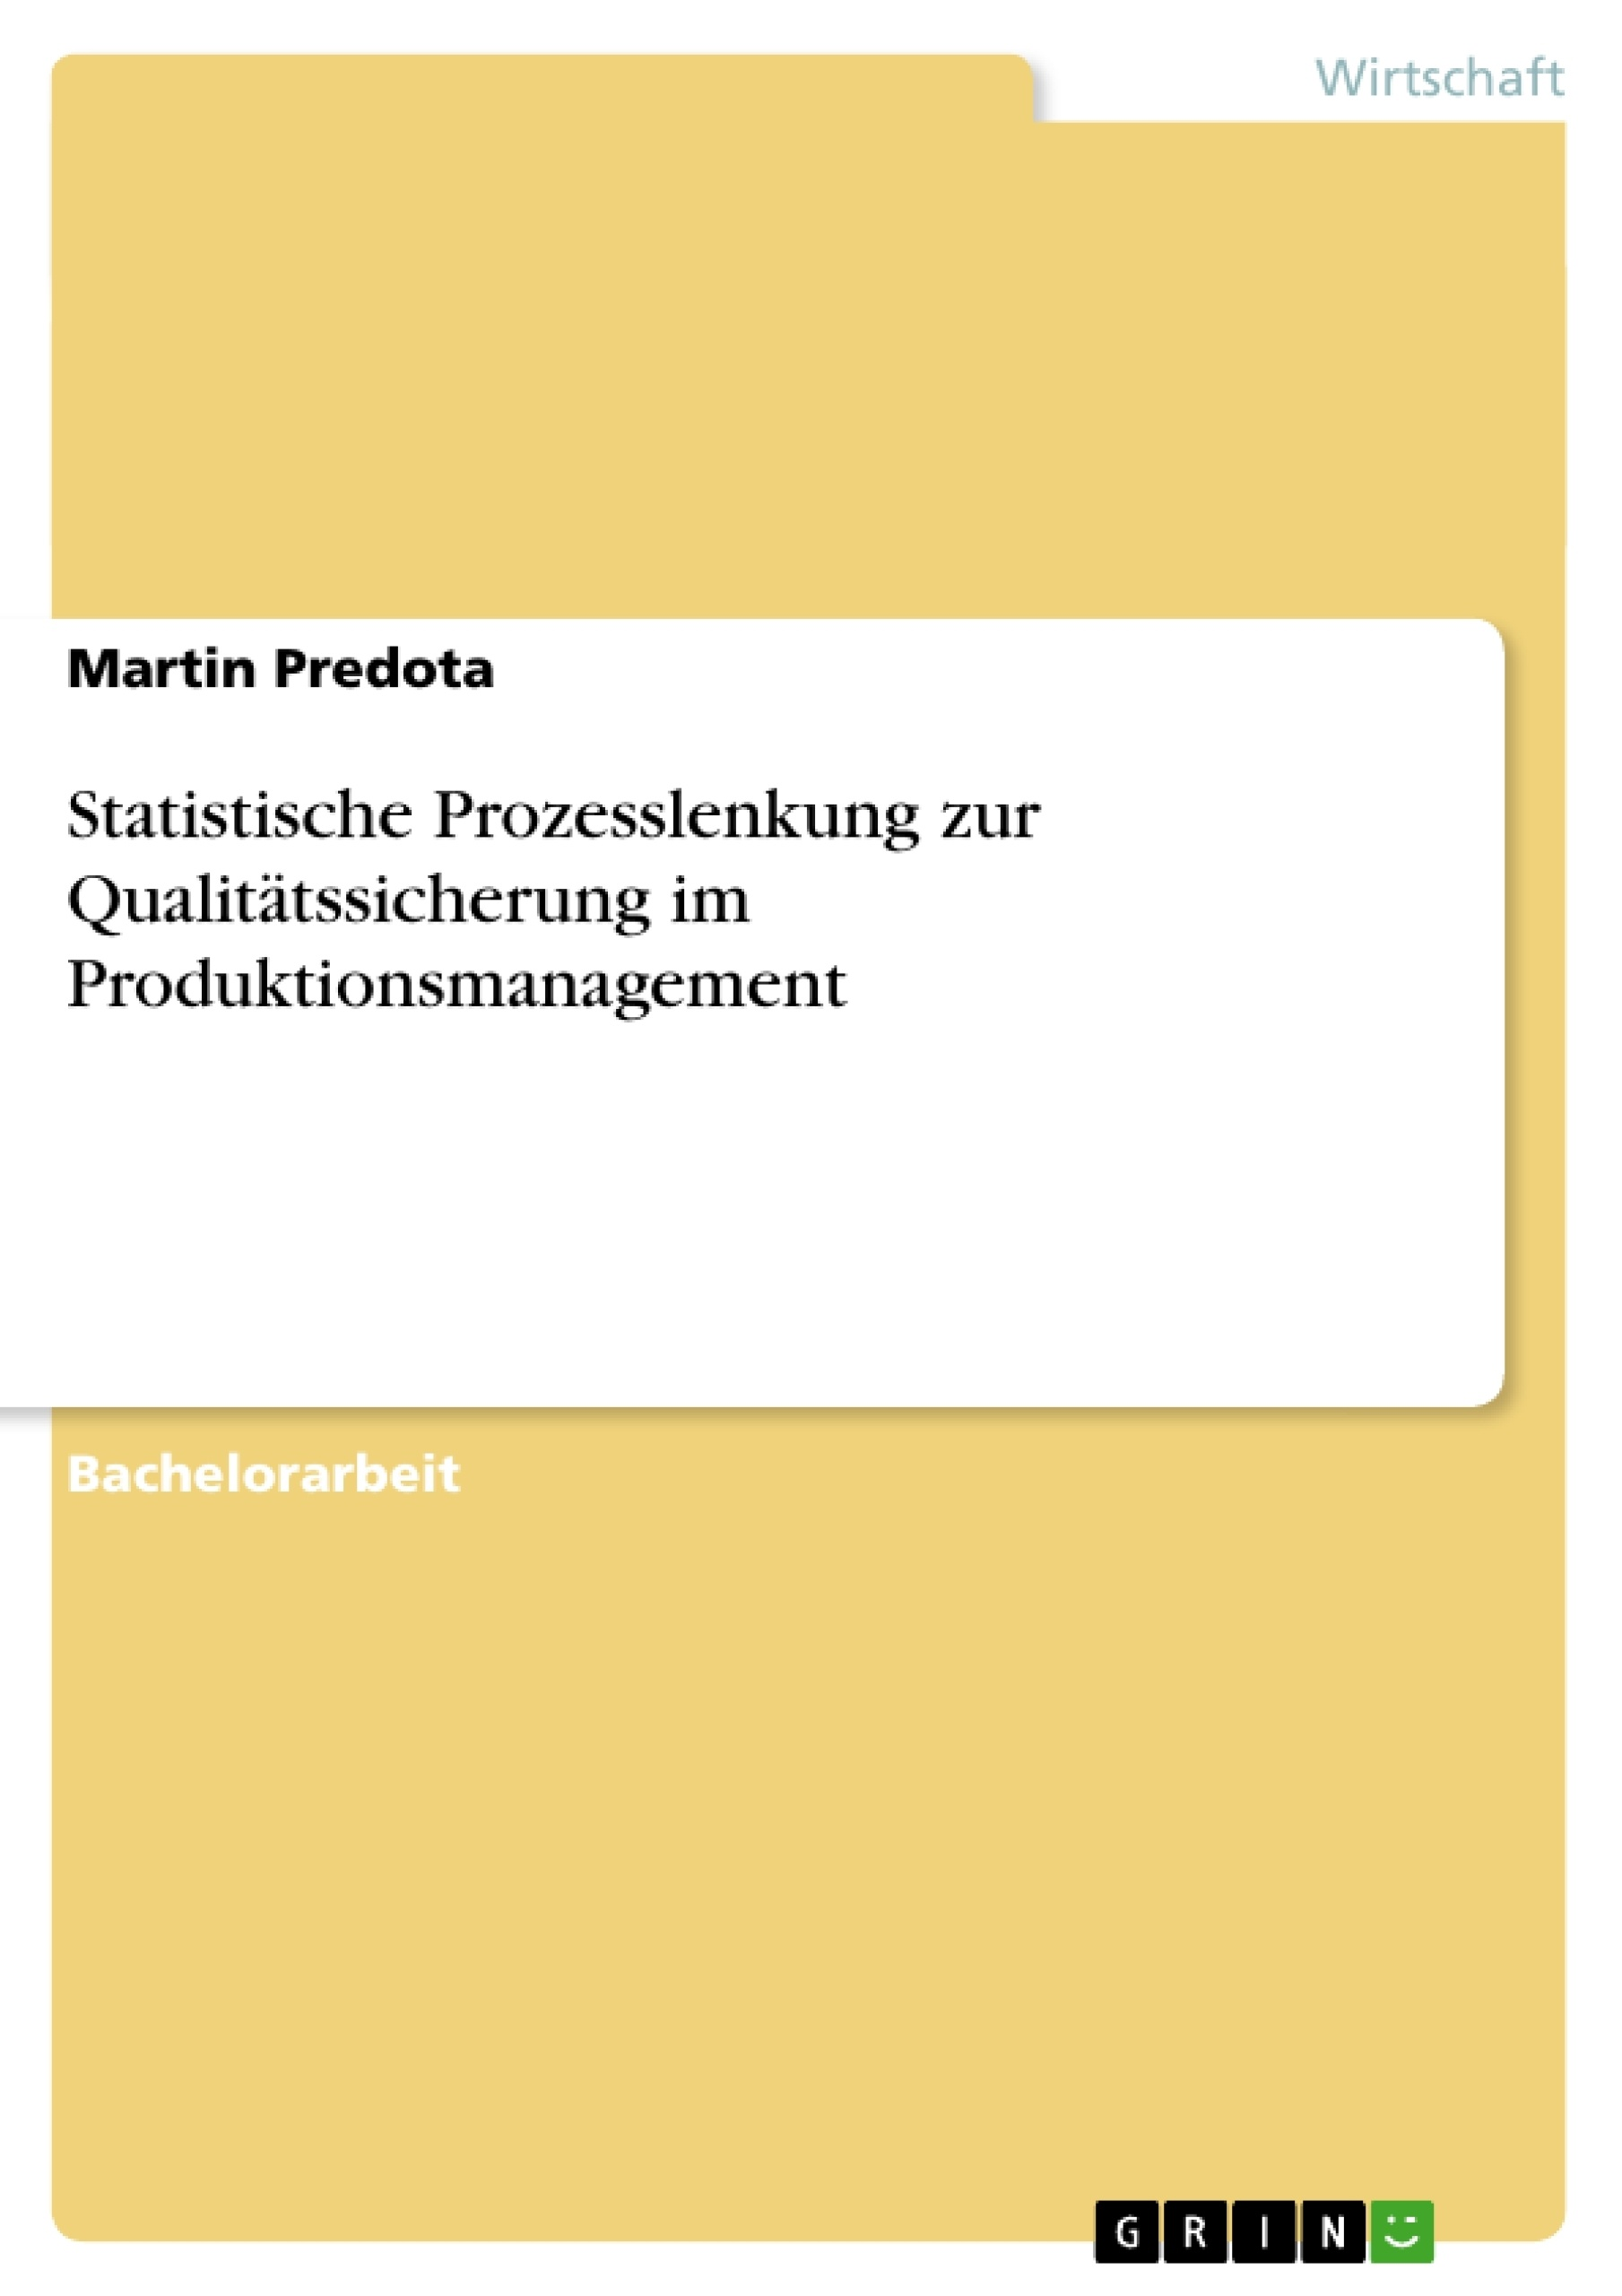 Titel: Statistische Prozesslenkung zur Qualitätssicherung im Produktionsmanagement